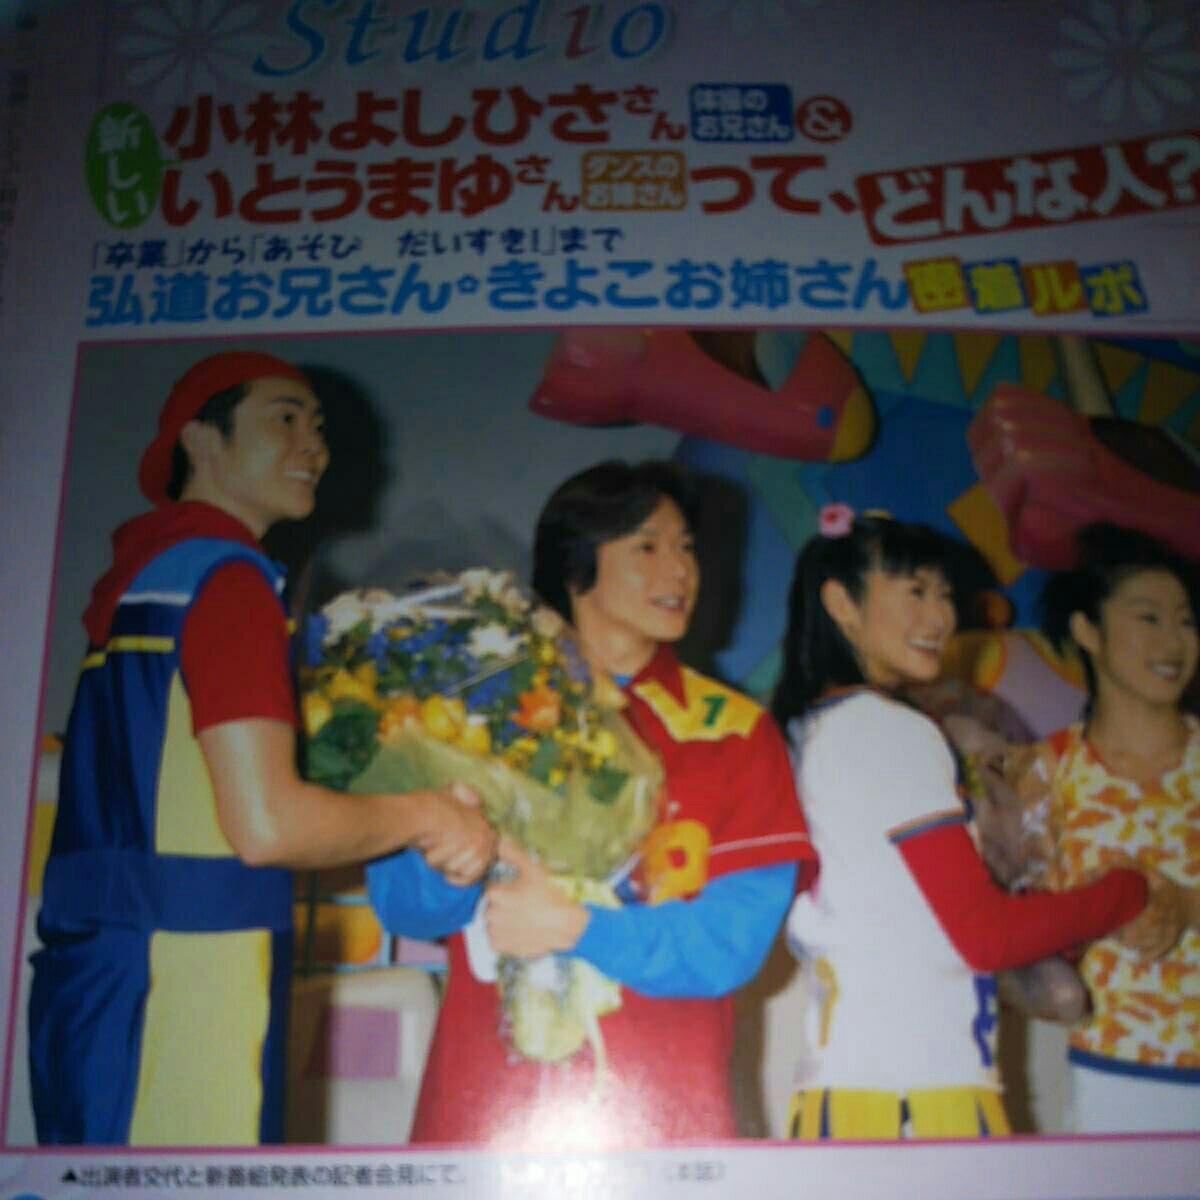 中古 雑誌nhkおかあさんといっしょ 2005年5月号 今井ゆうぞう